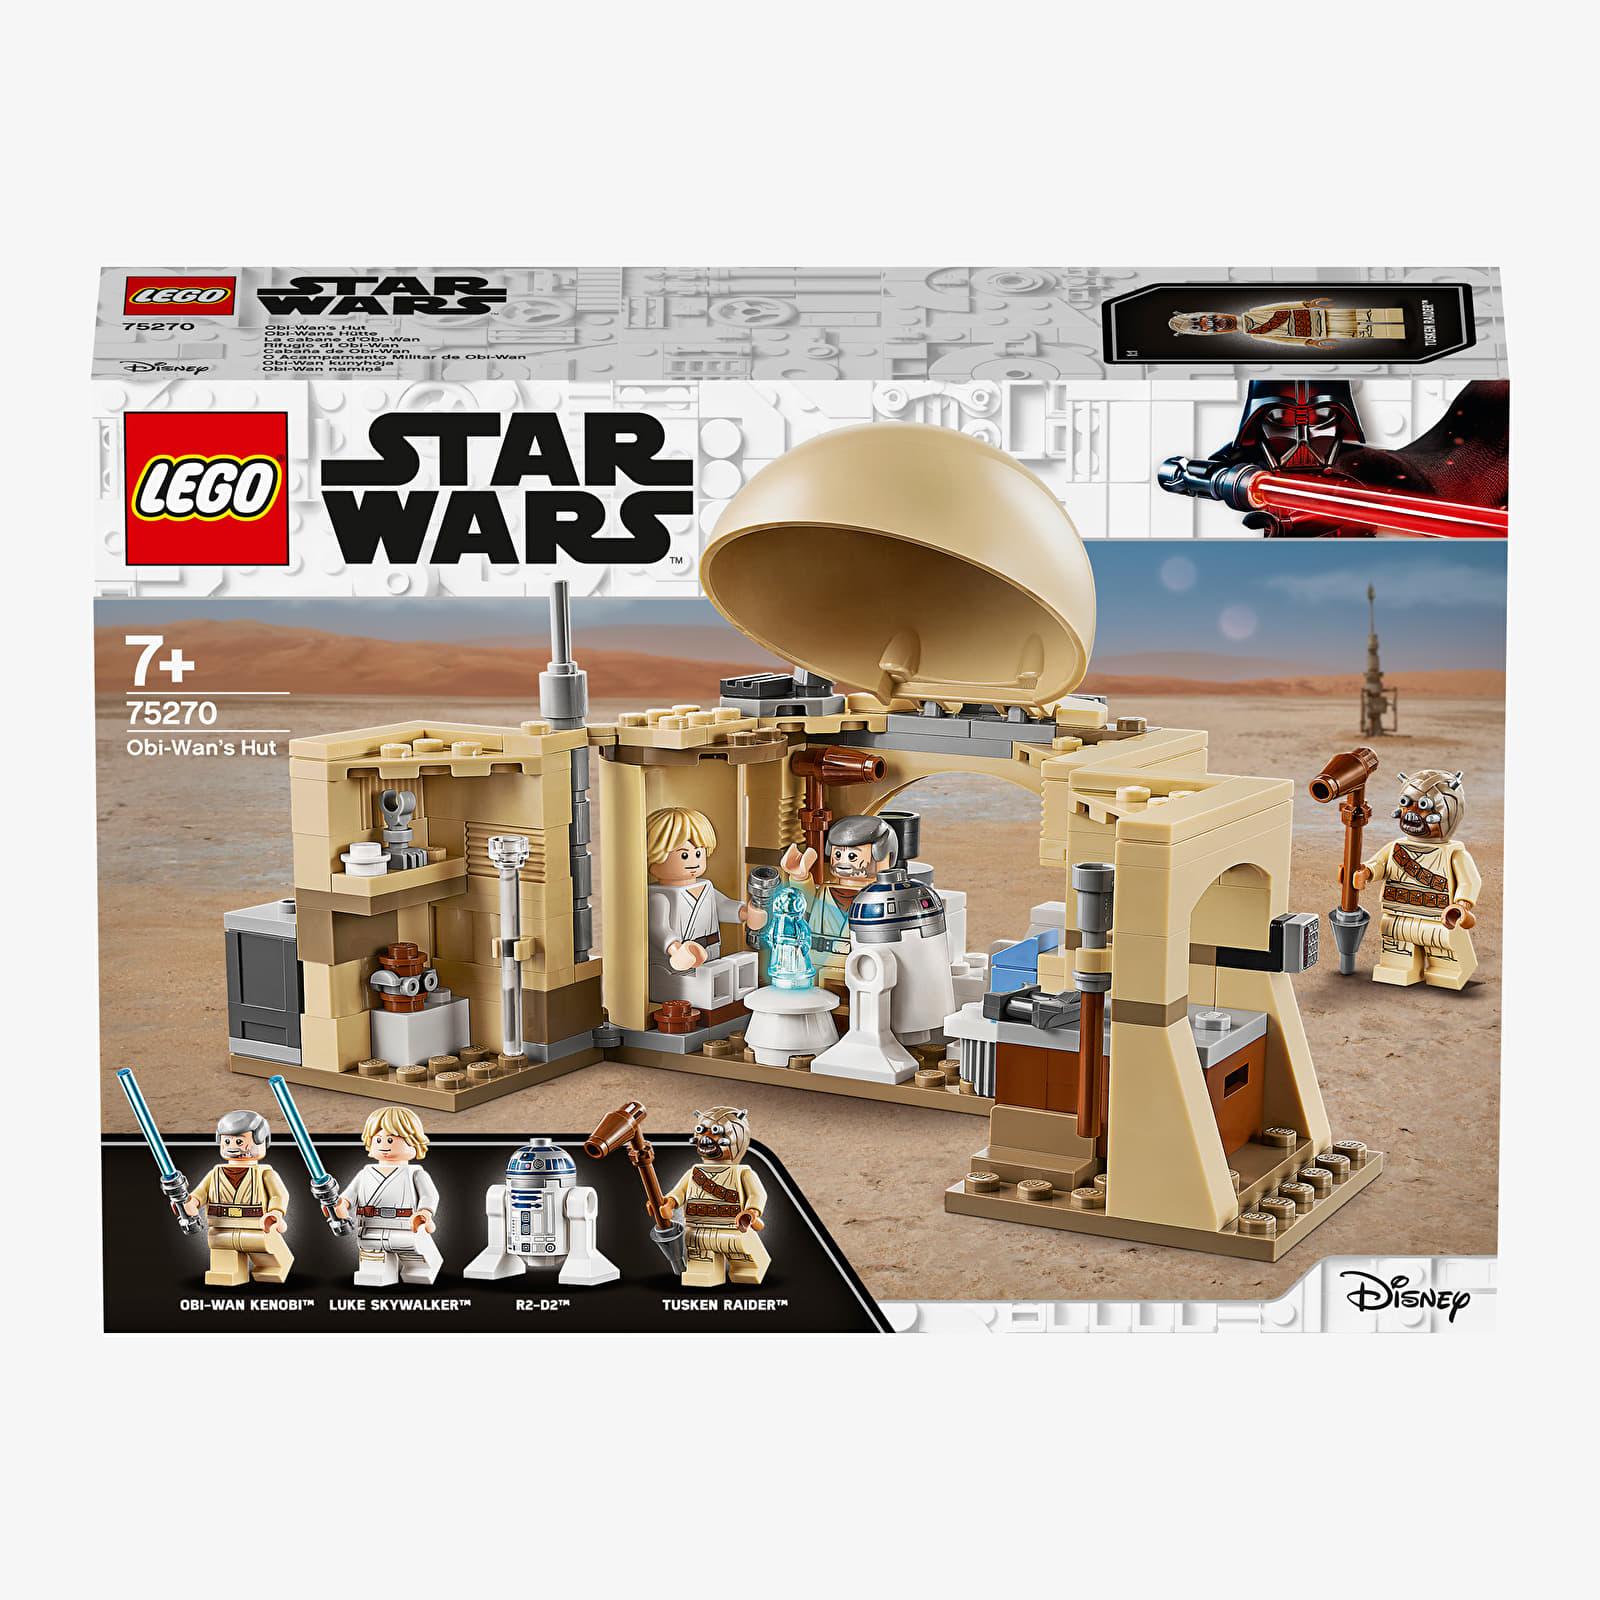 Lego Star Wars Obi Wans Hut